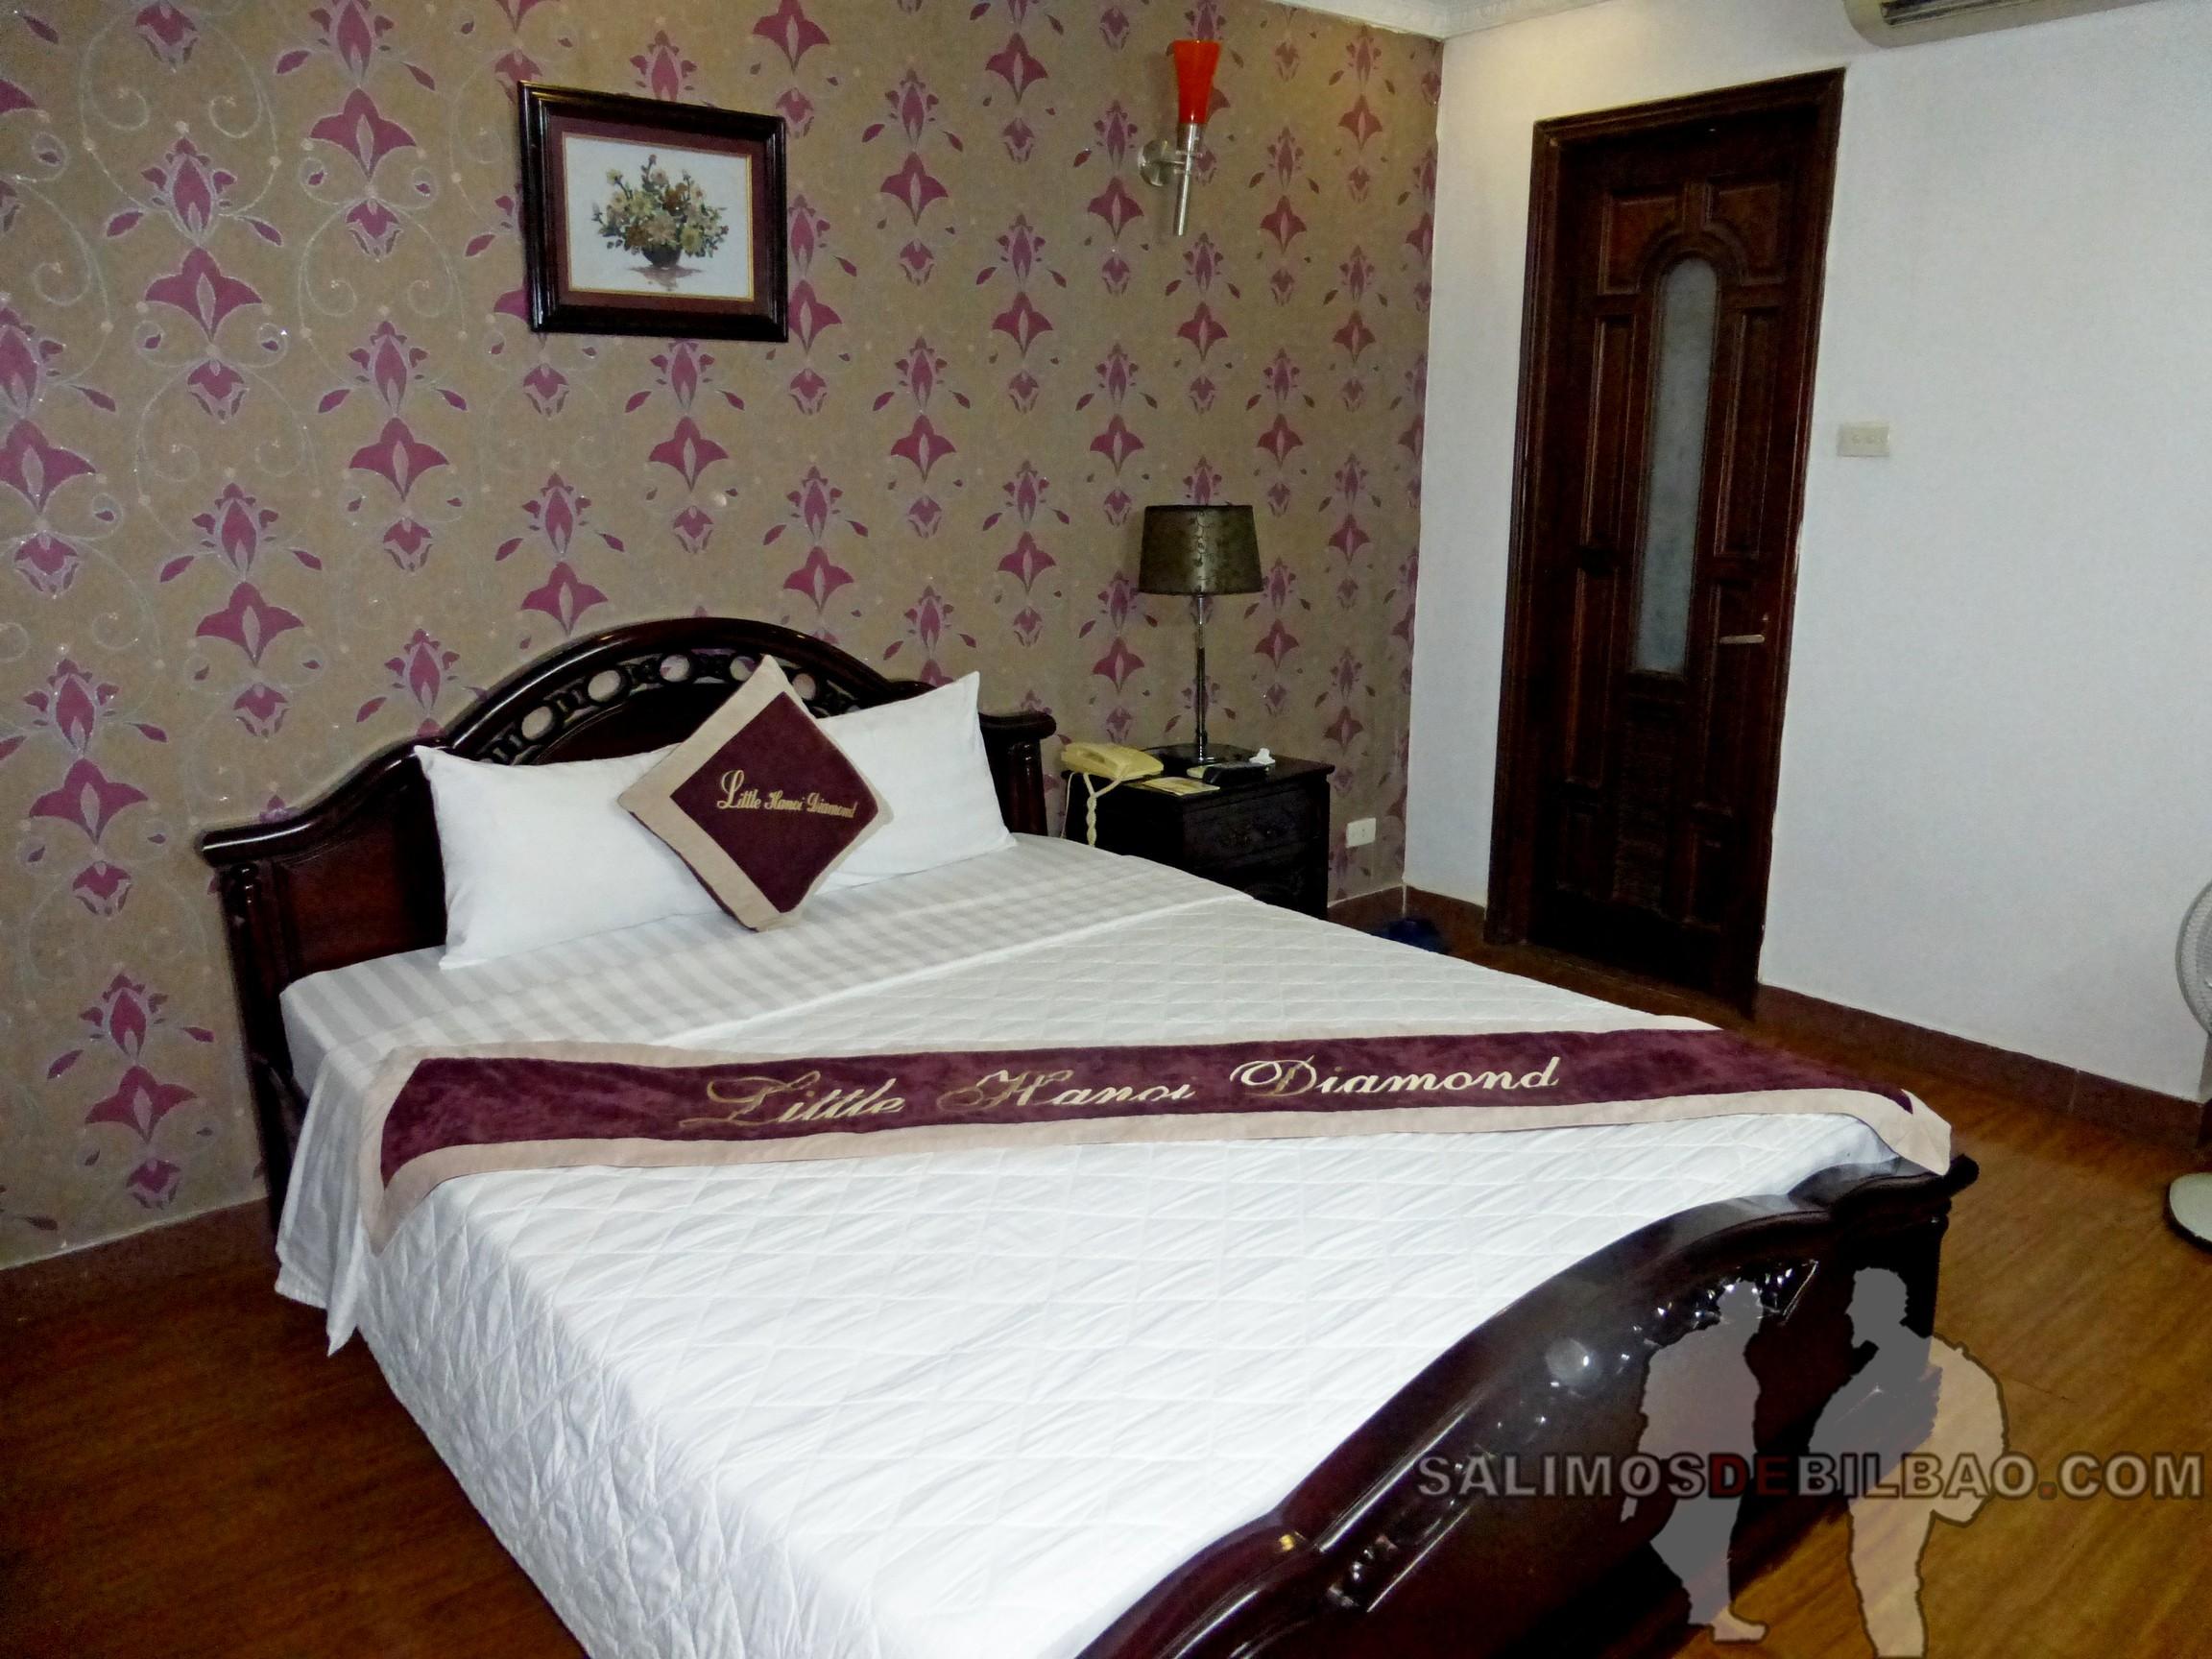 0168. Hotel Little Hanoi Diamond, Hanoi